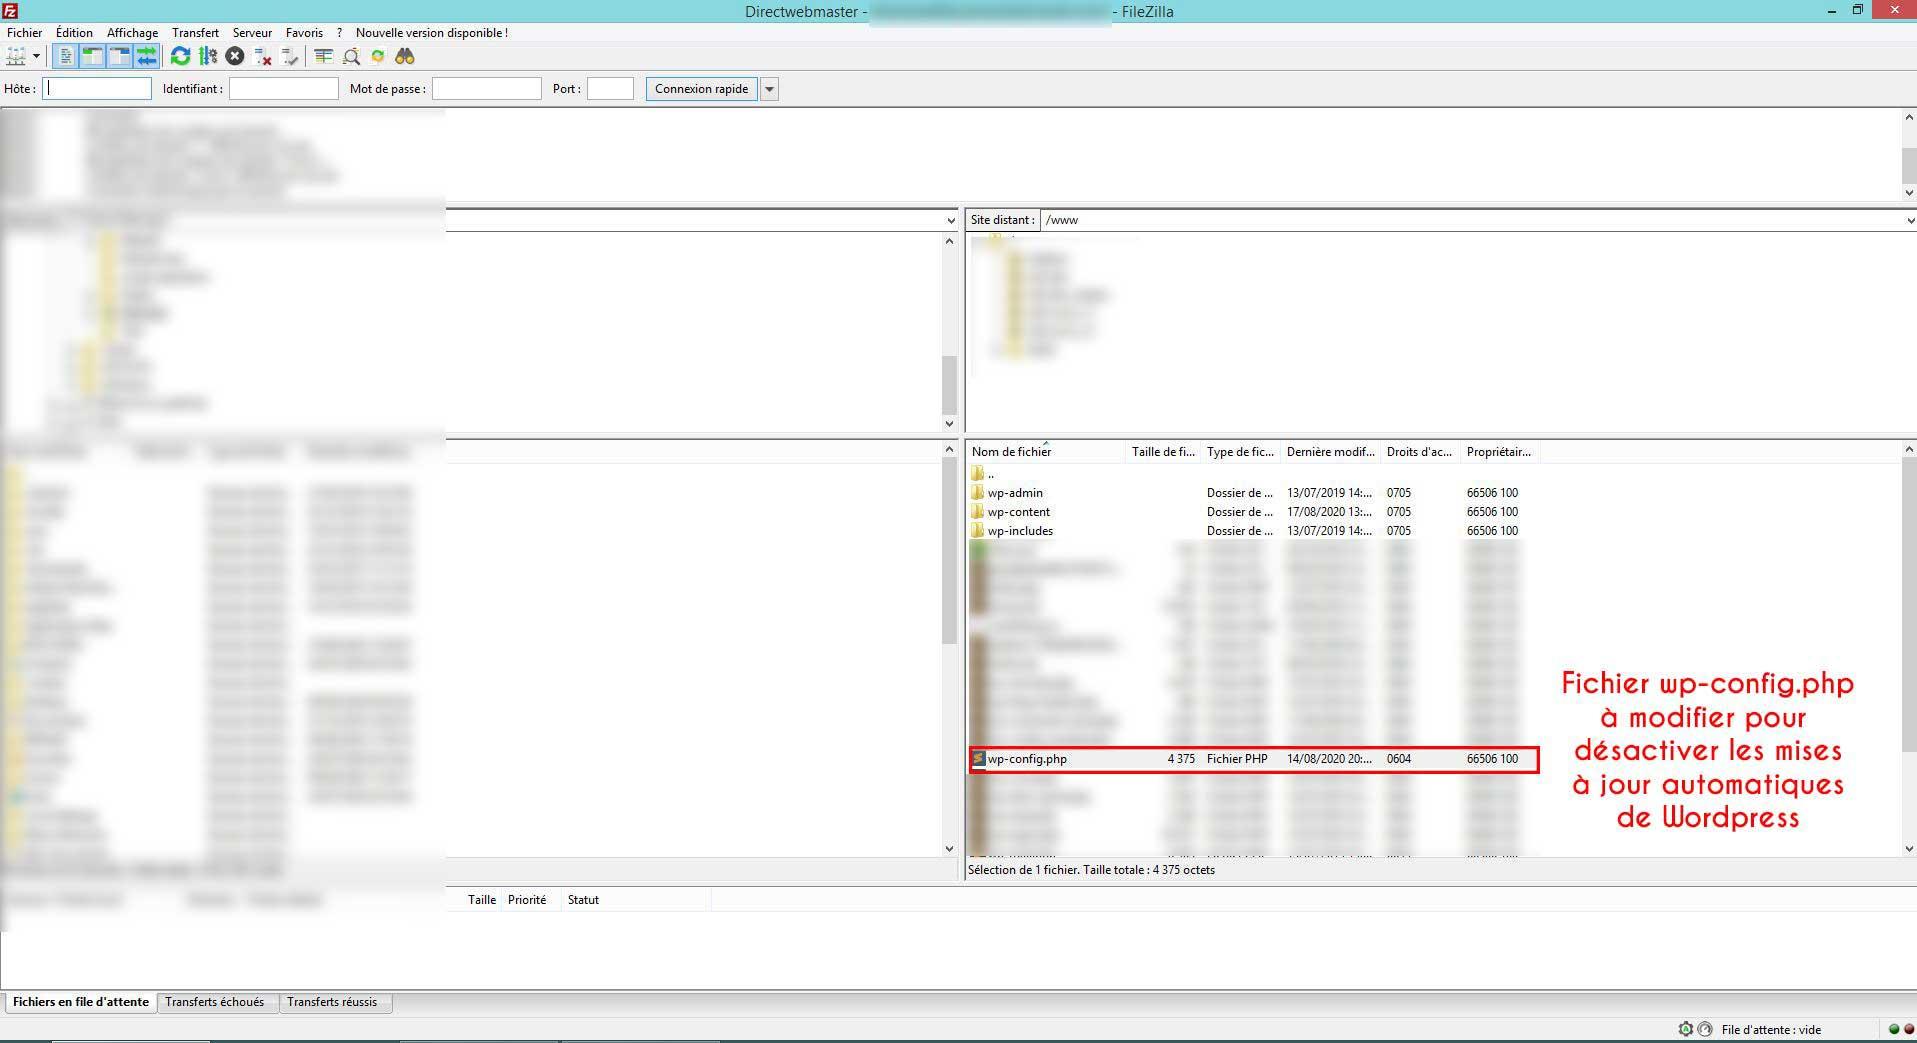 desactiver les mises a jour automatiques du cms wordpress